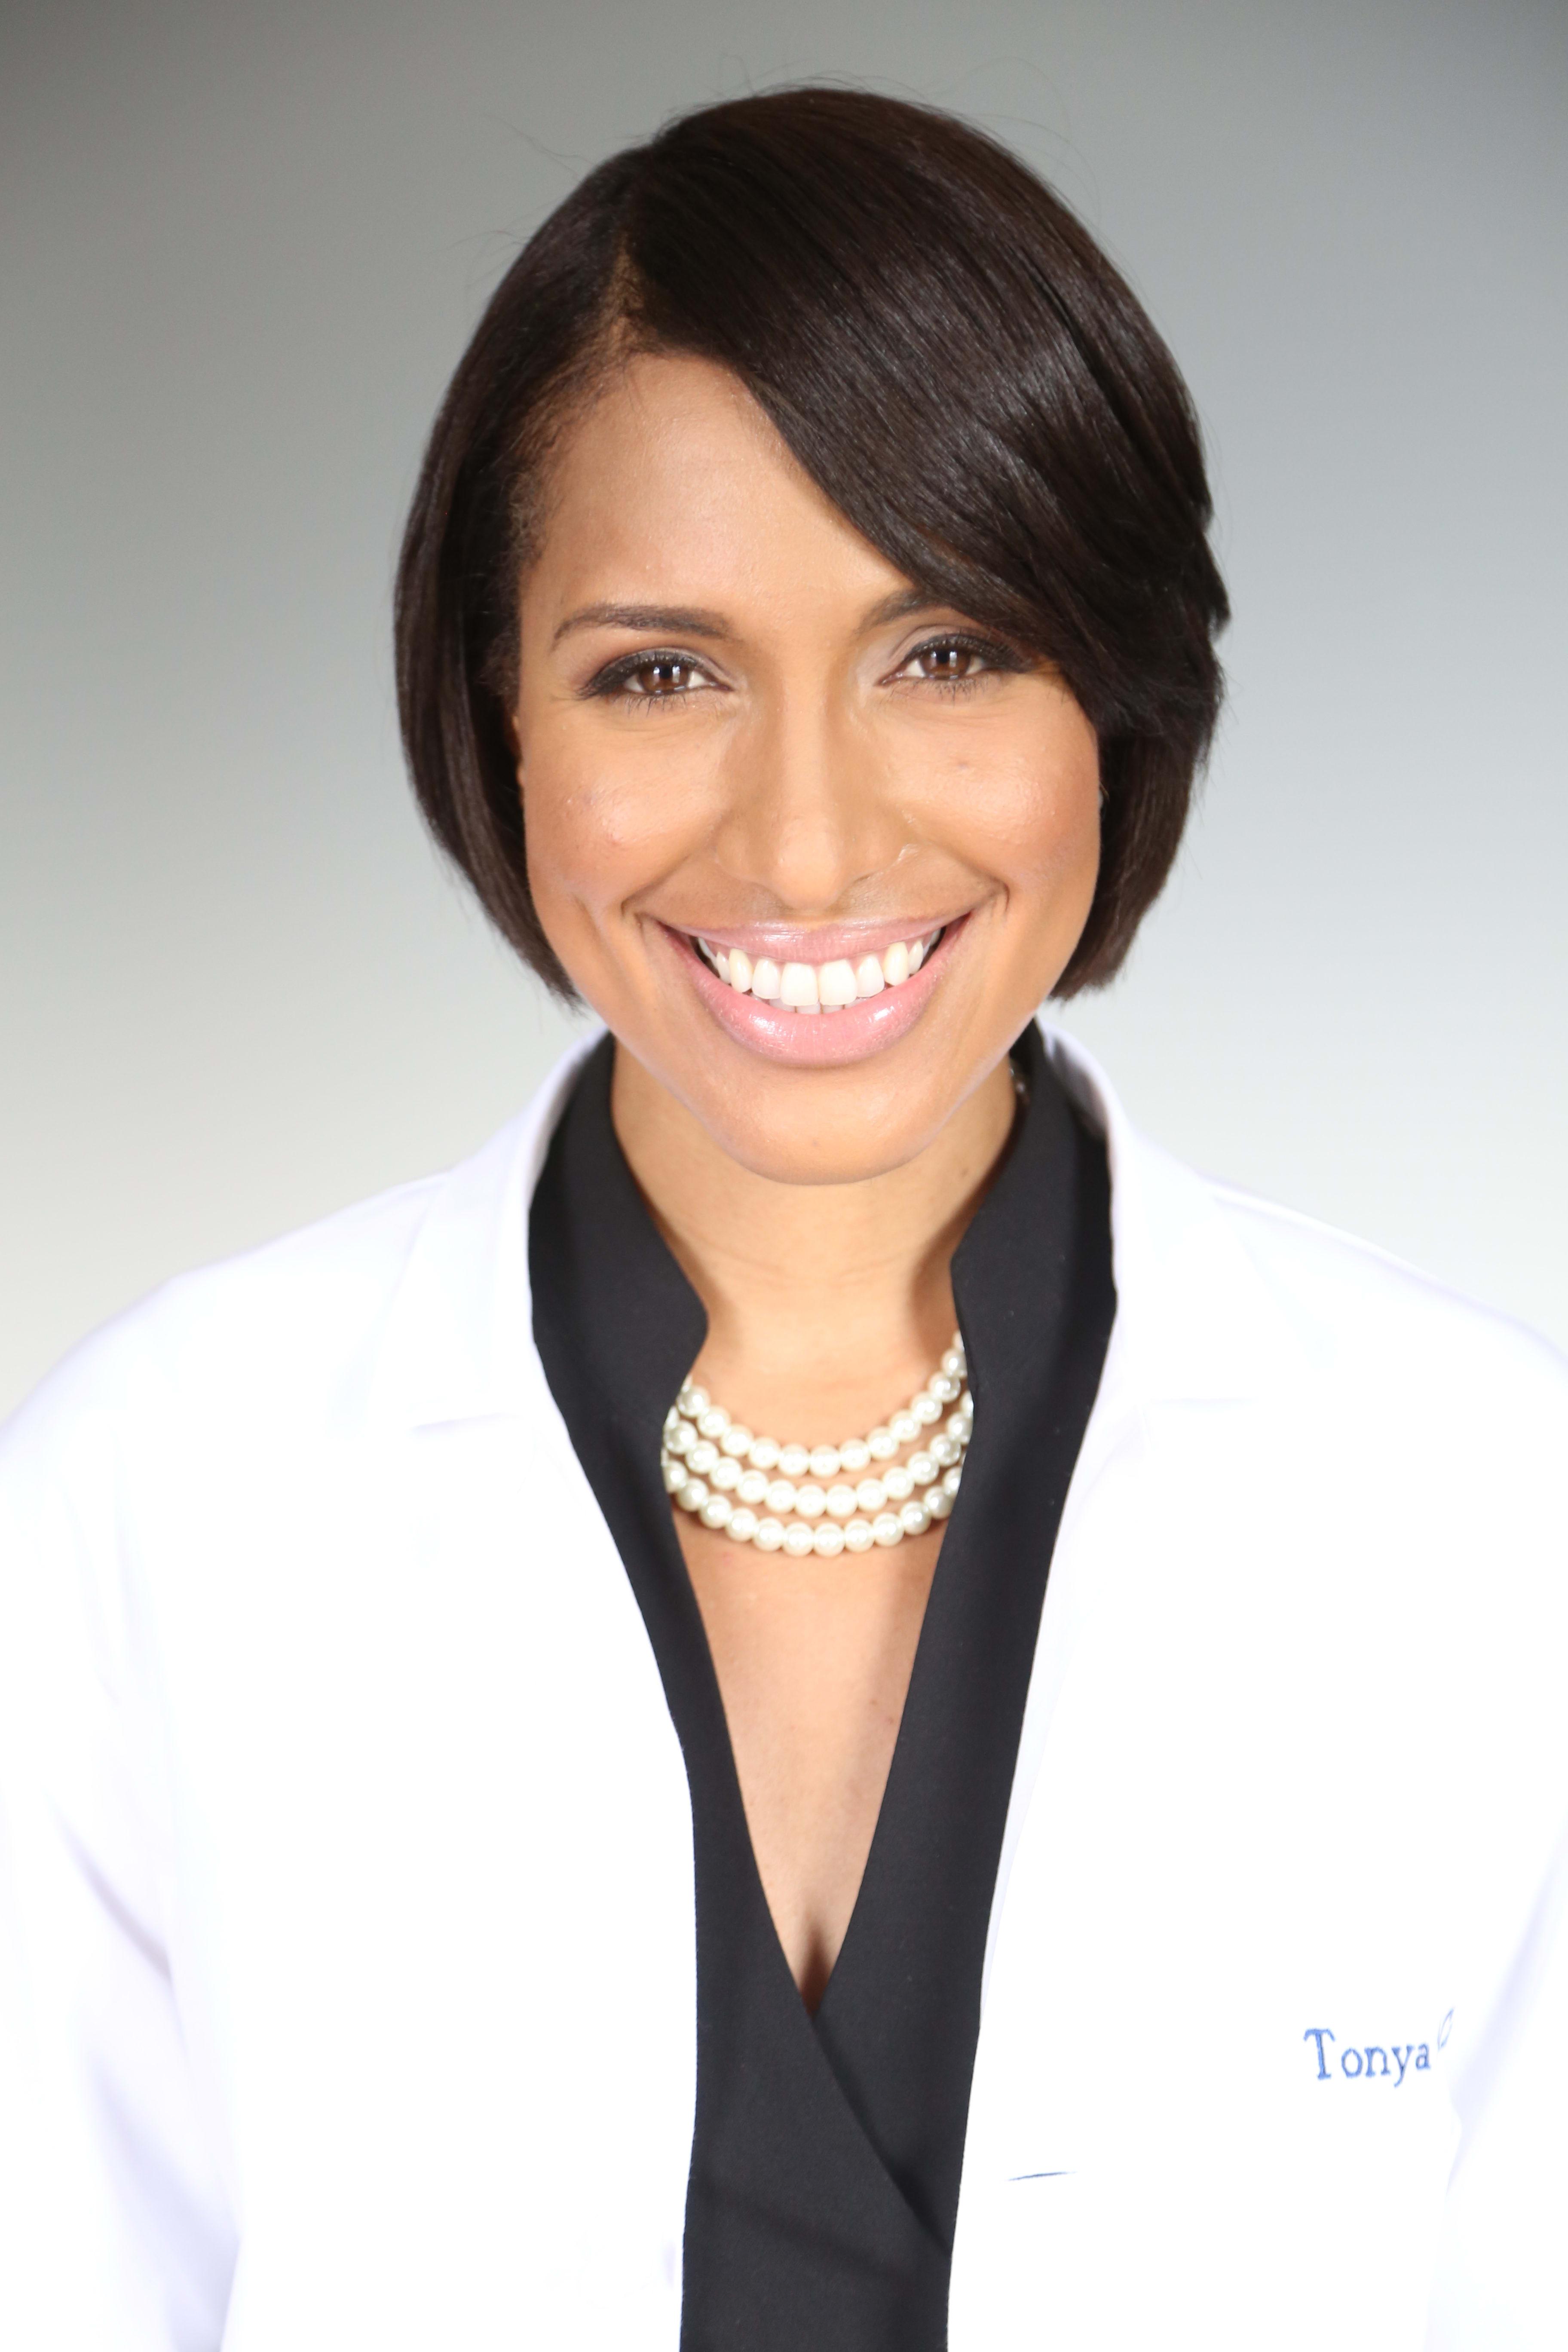 Dr. Tonya S Wright MD